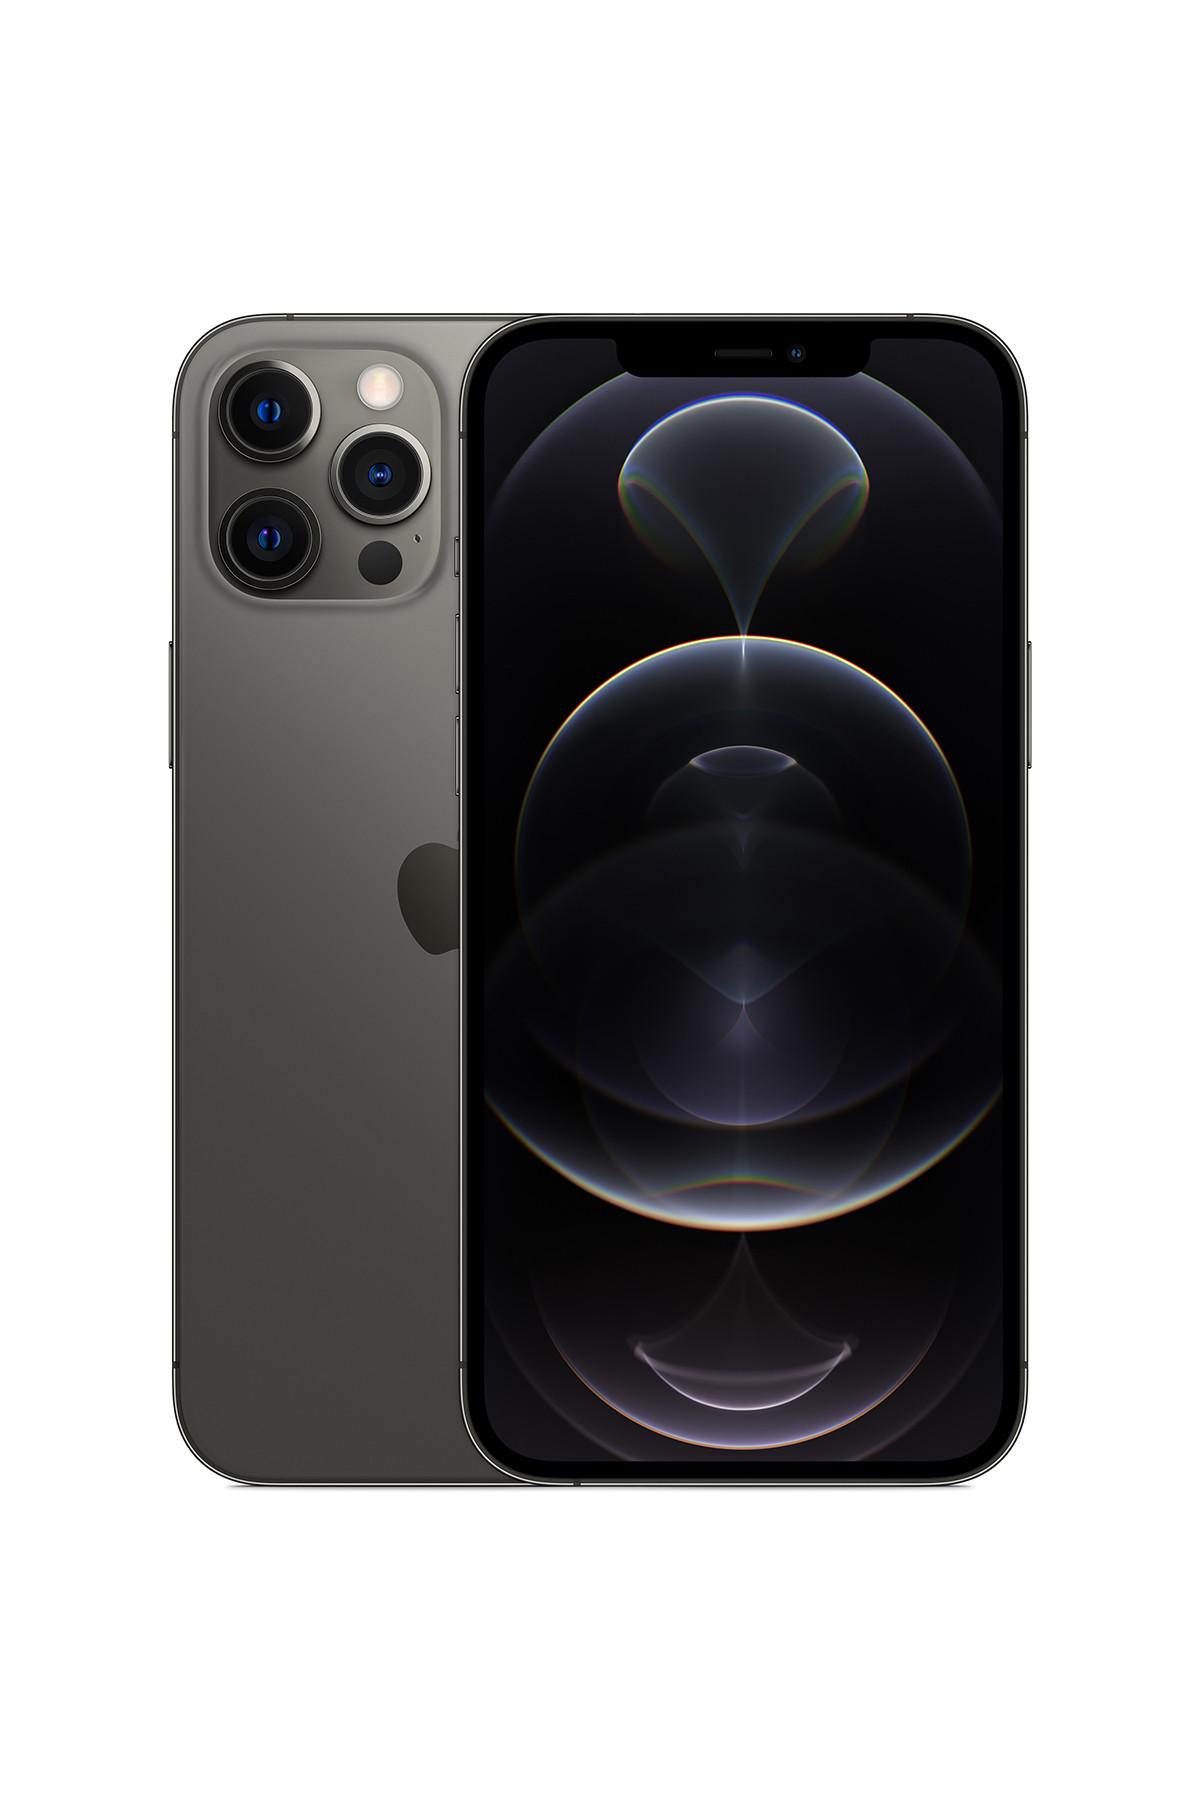 iPhone 12 Pro Max 512GB - Graphite